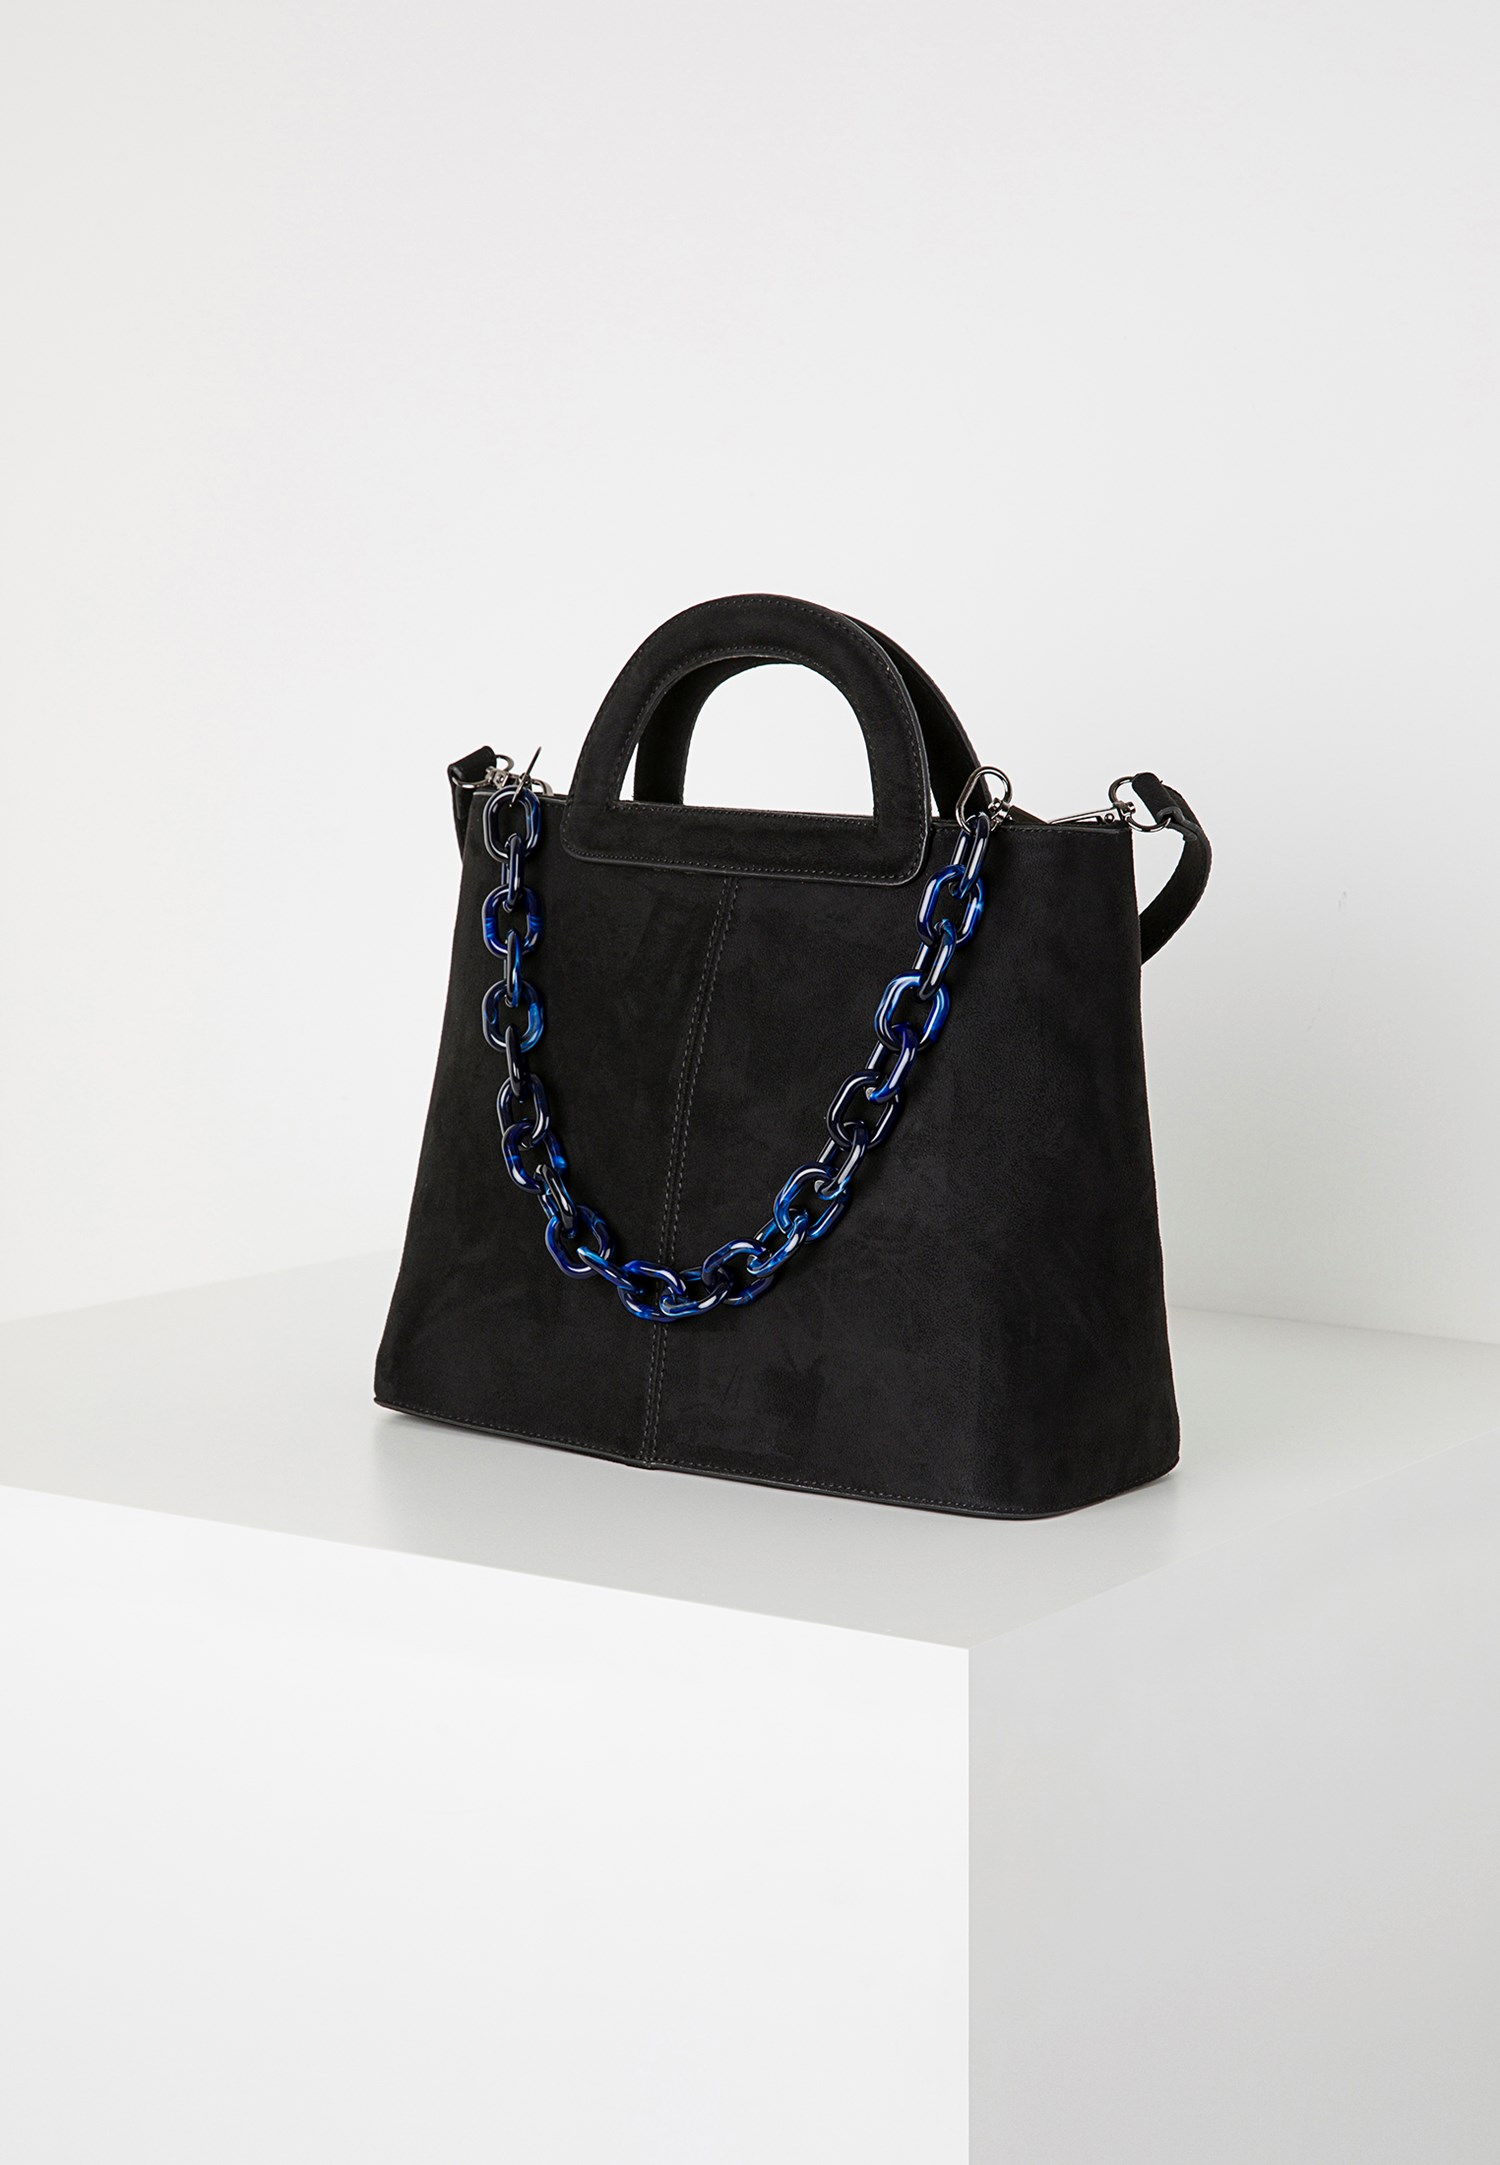 Bayan Siyah Zincir Detaylı Süet Çanta